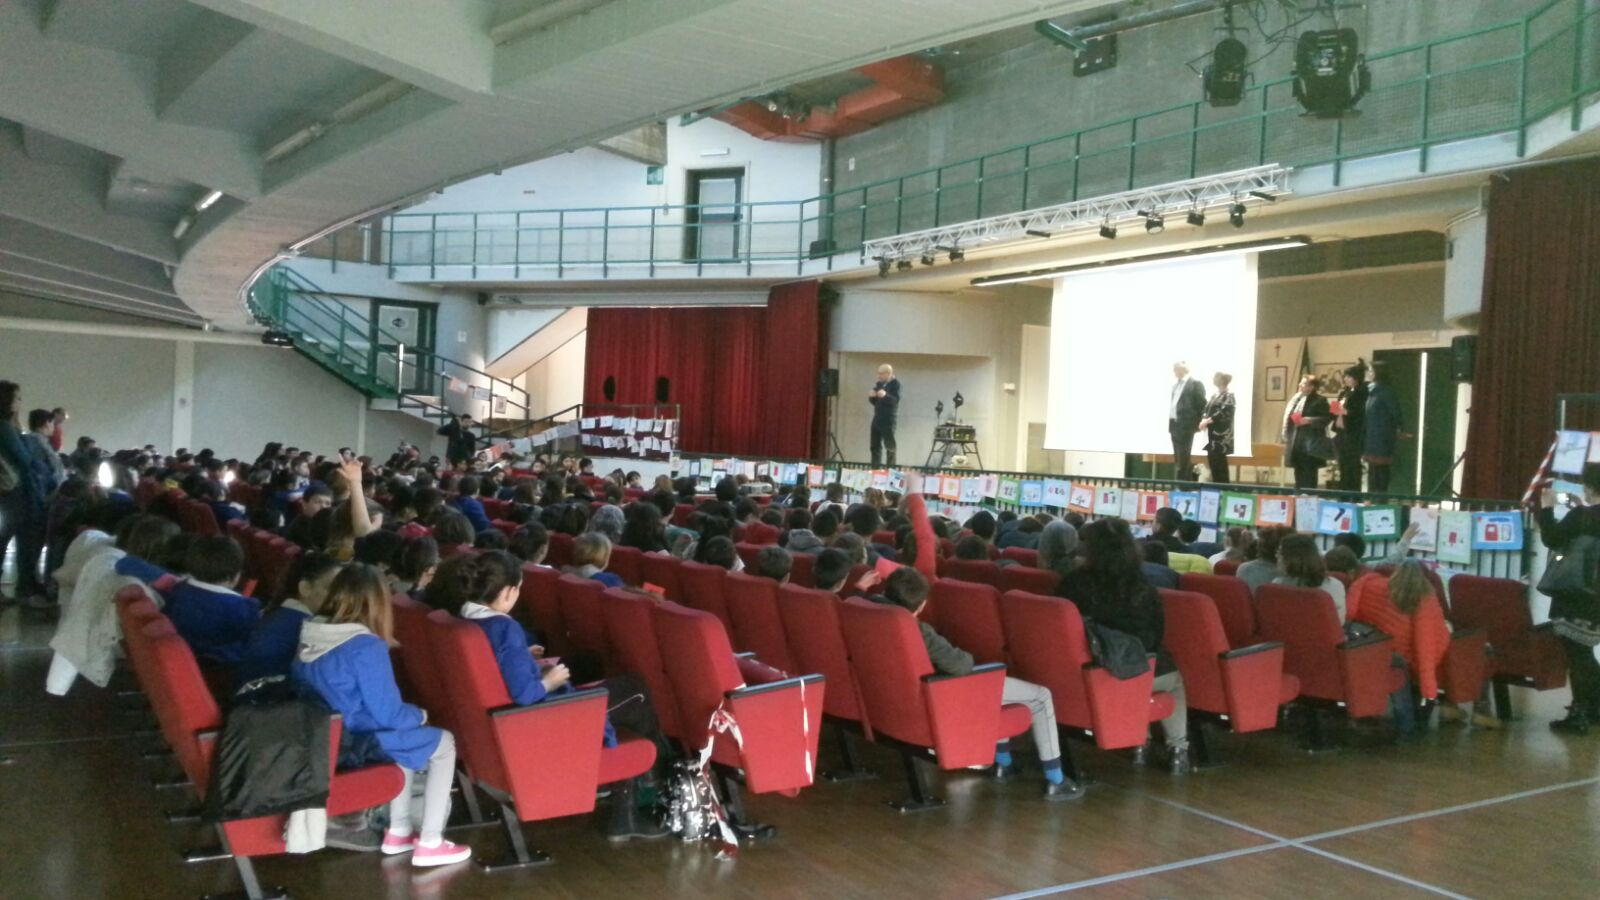 Pieve Emanuele (MI) Salvatore sta chiedendo ai piccoli  studenti i nomi degli uomini e delle donne della scorta!